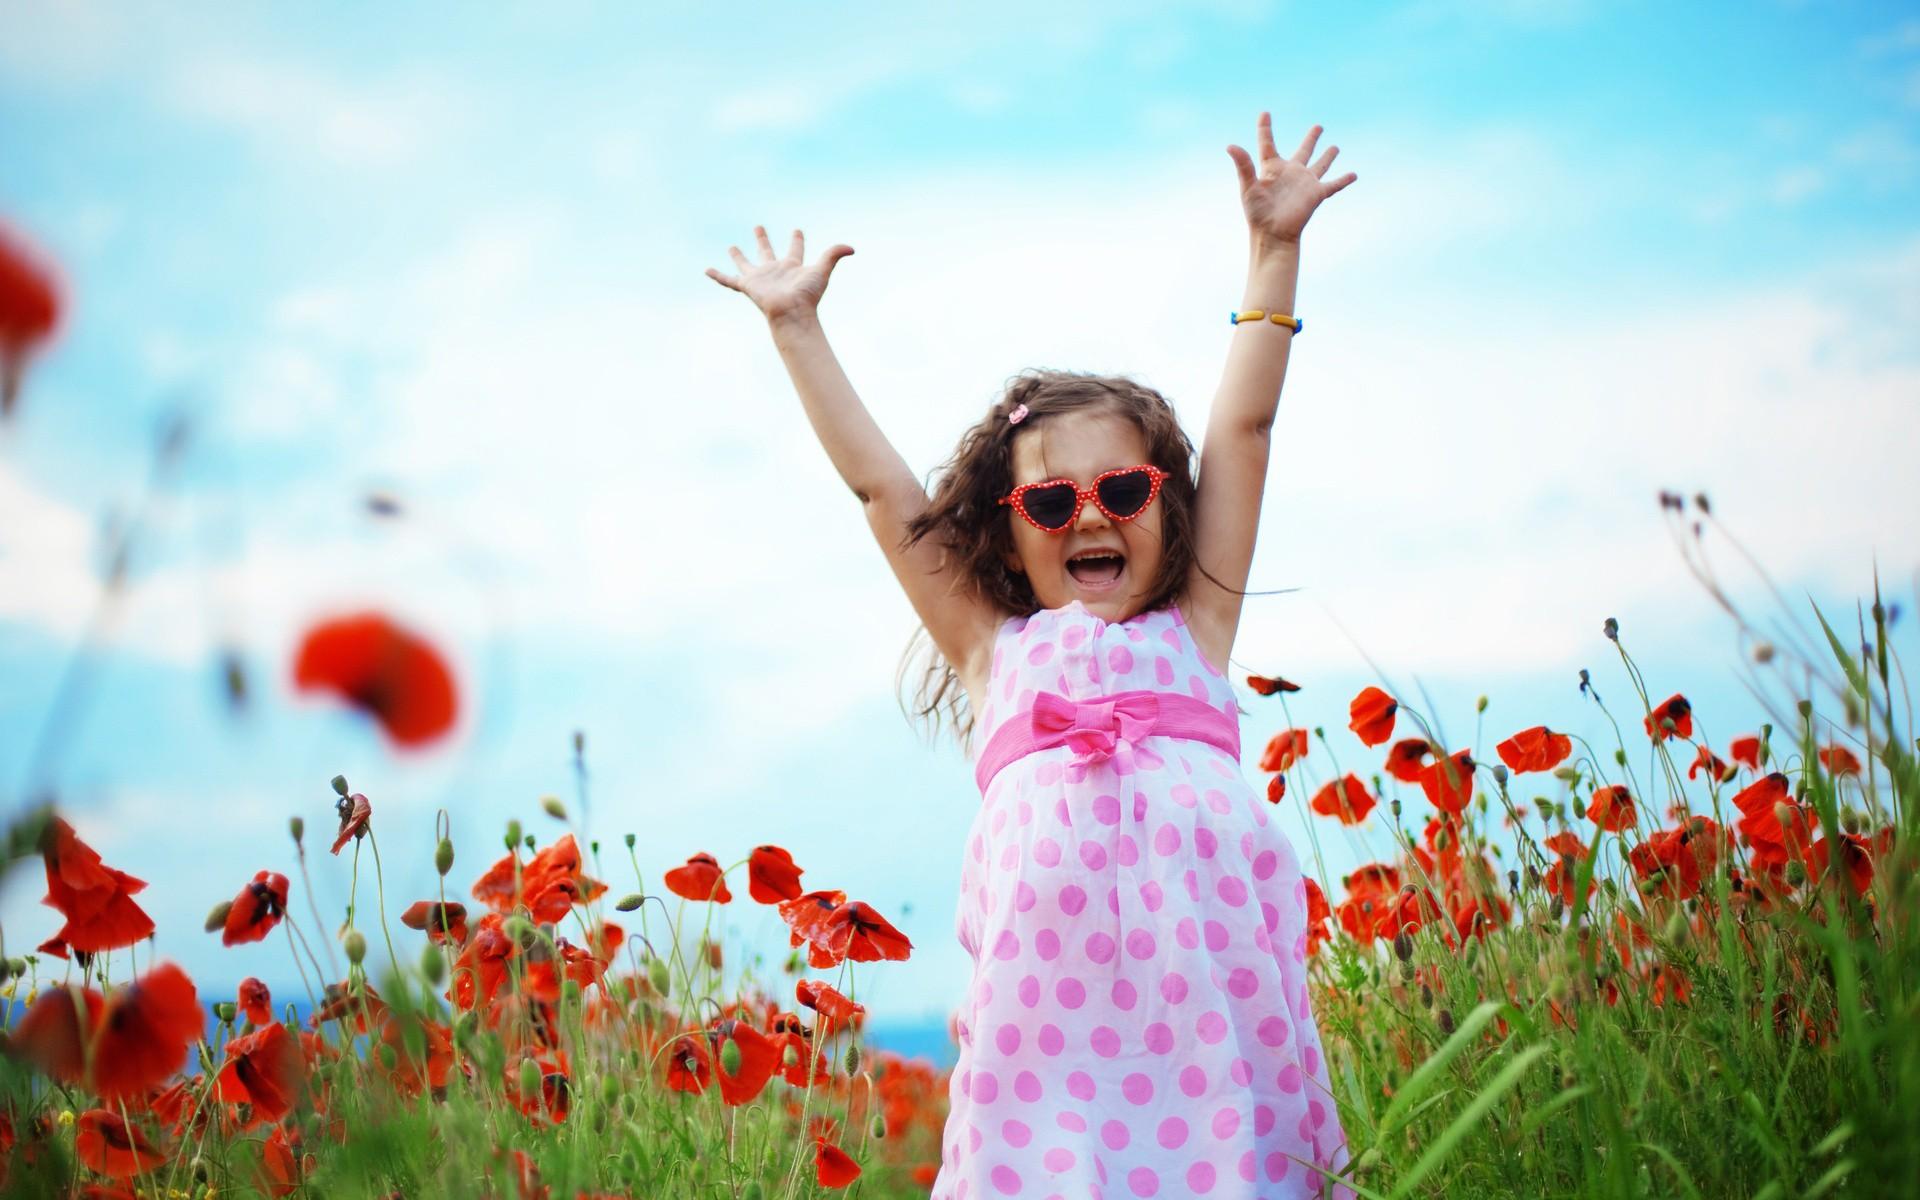 Happy-Cute-Cool-Child-Girl-Dancining-In-Garden-Wallpapers.jpg